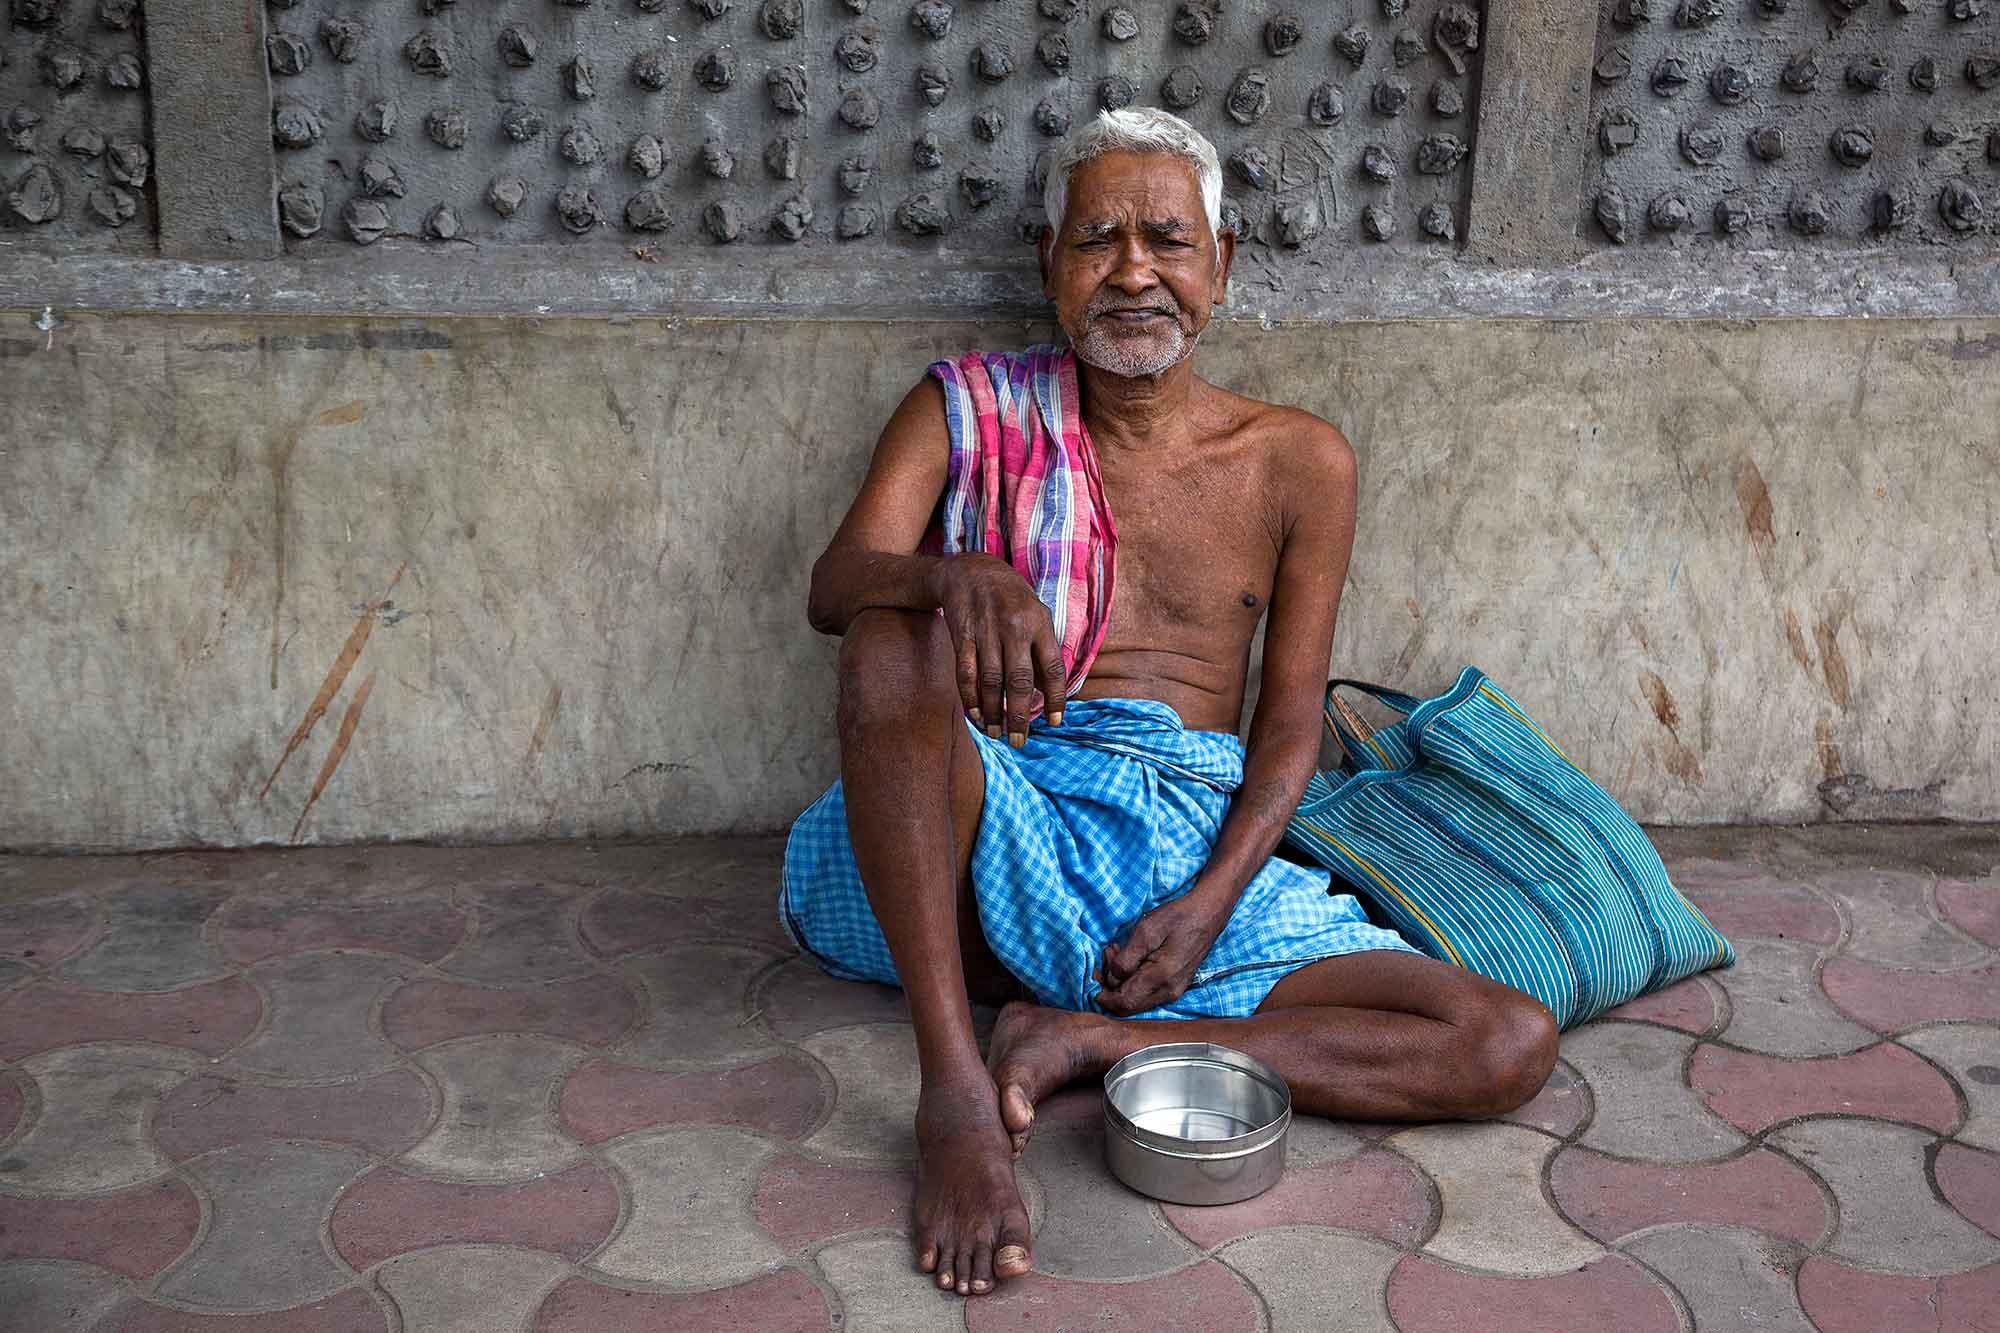 street-poverty-kolkata-west-bengal-india